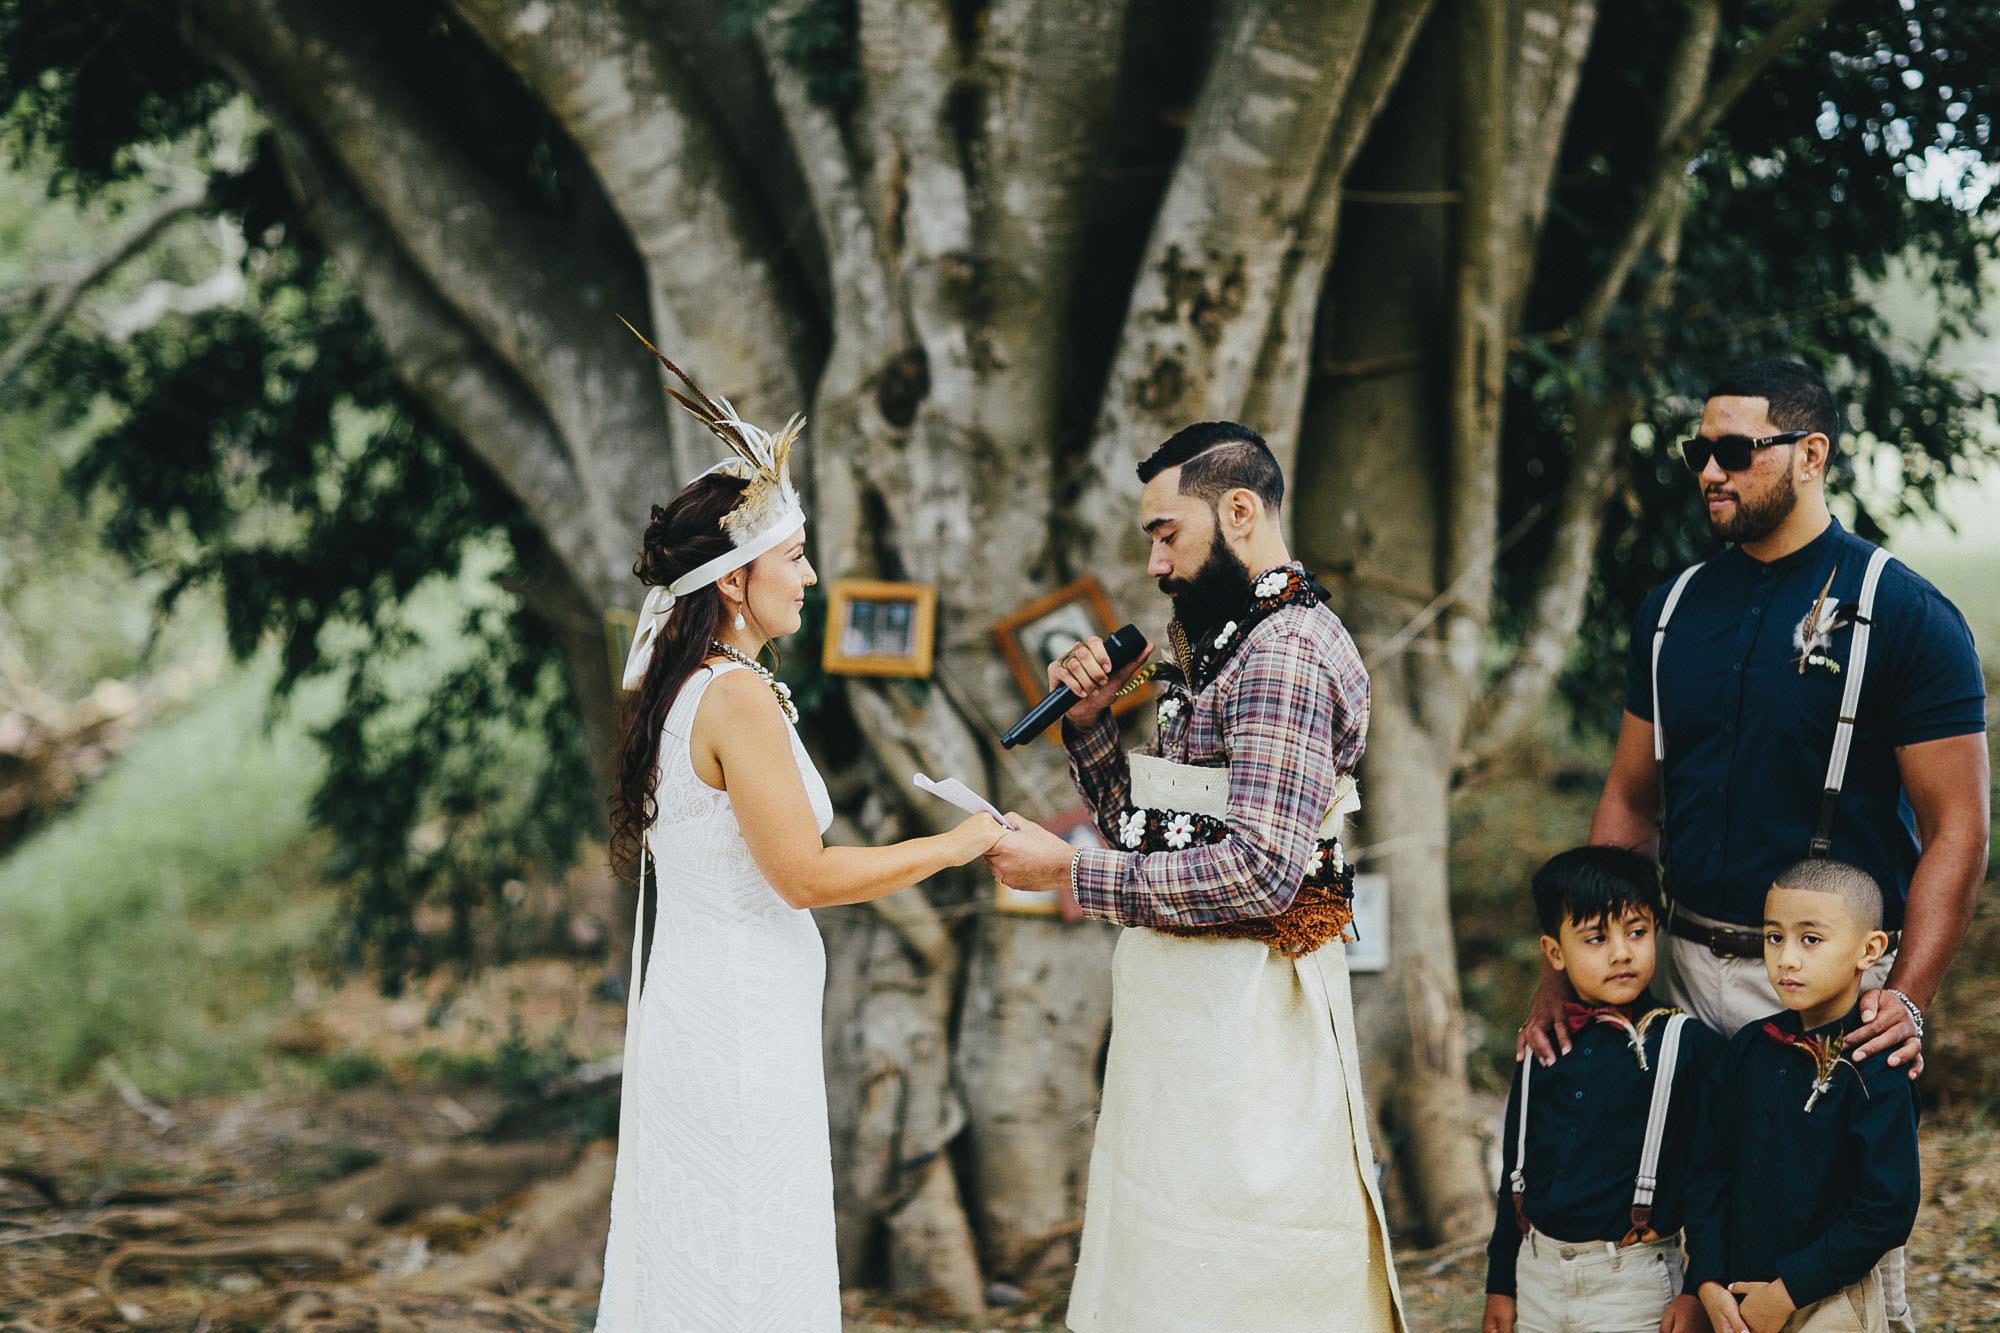 051 finch and oak, wedding photography, gold coast, byron bay.jpg